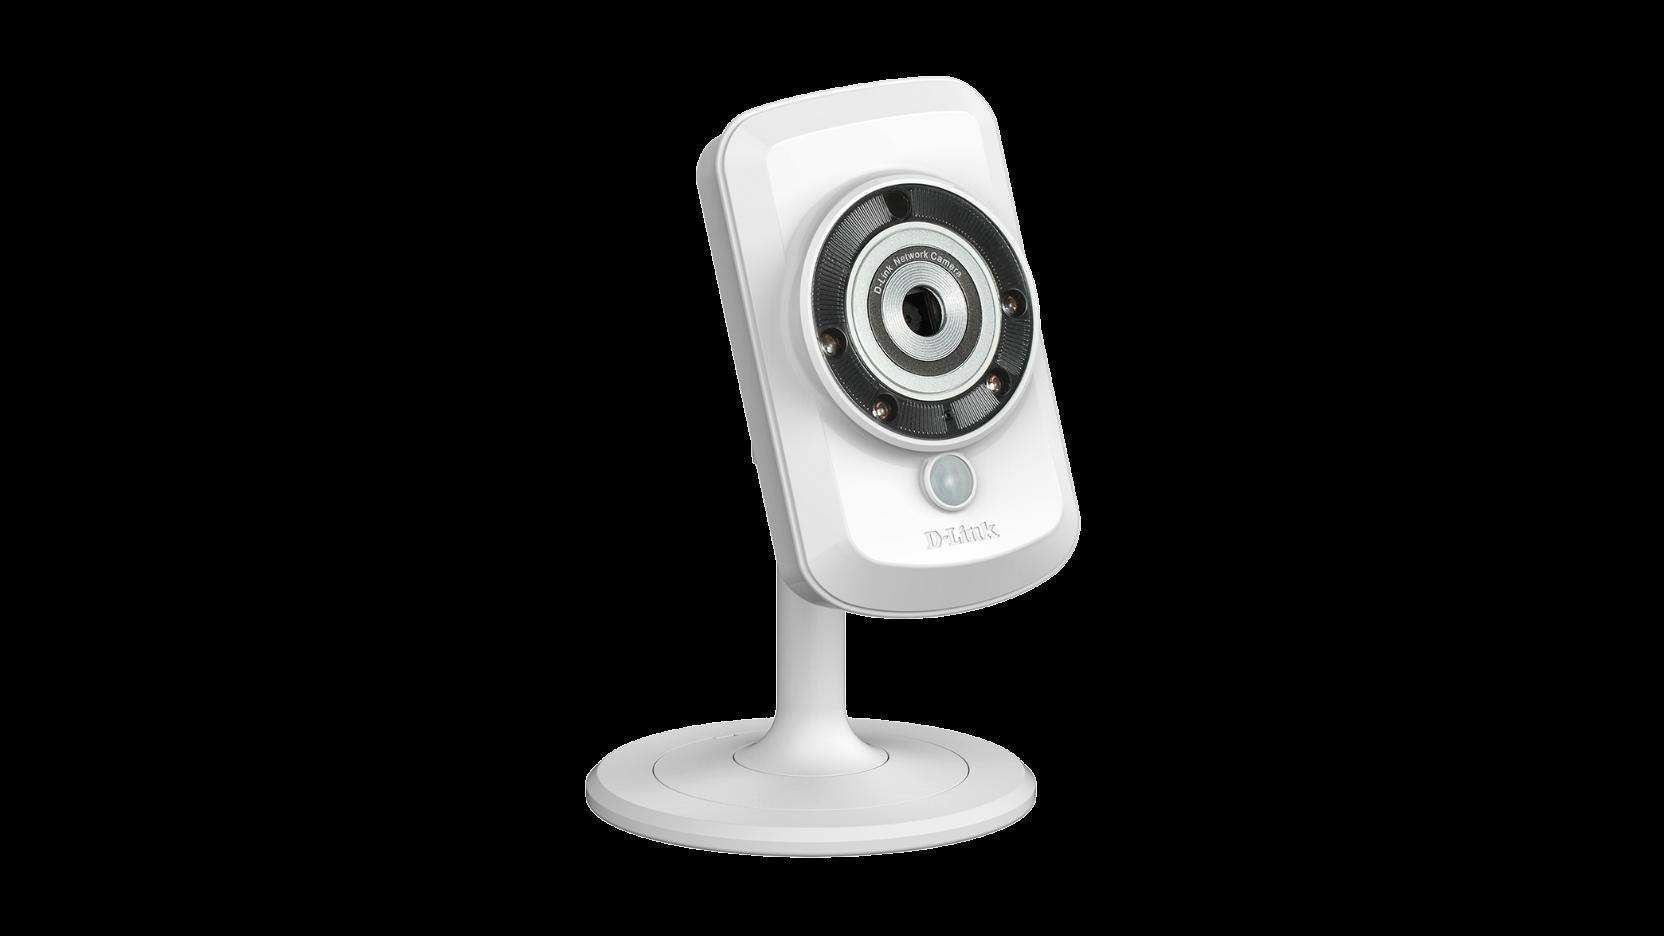 D-Link DCS-942L IP Camera Driver (2019)